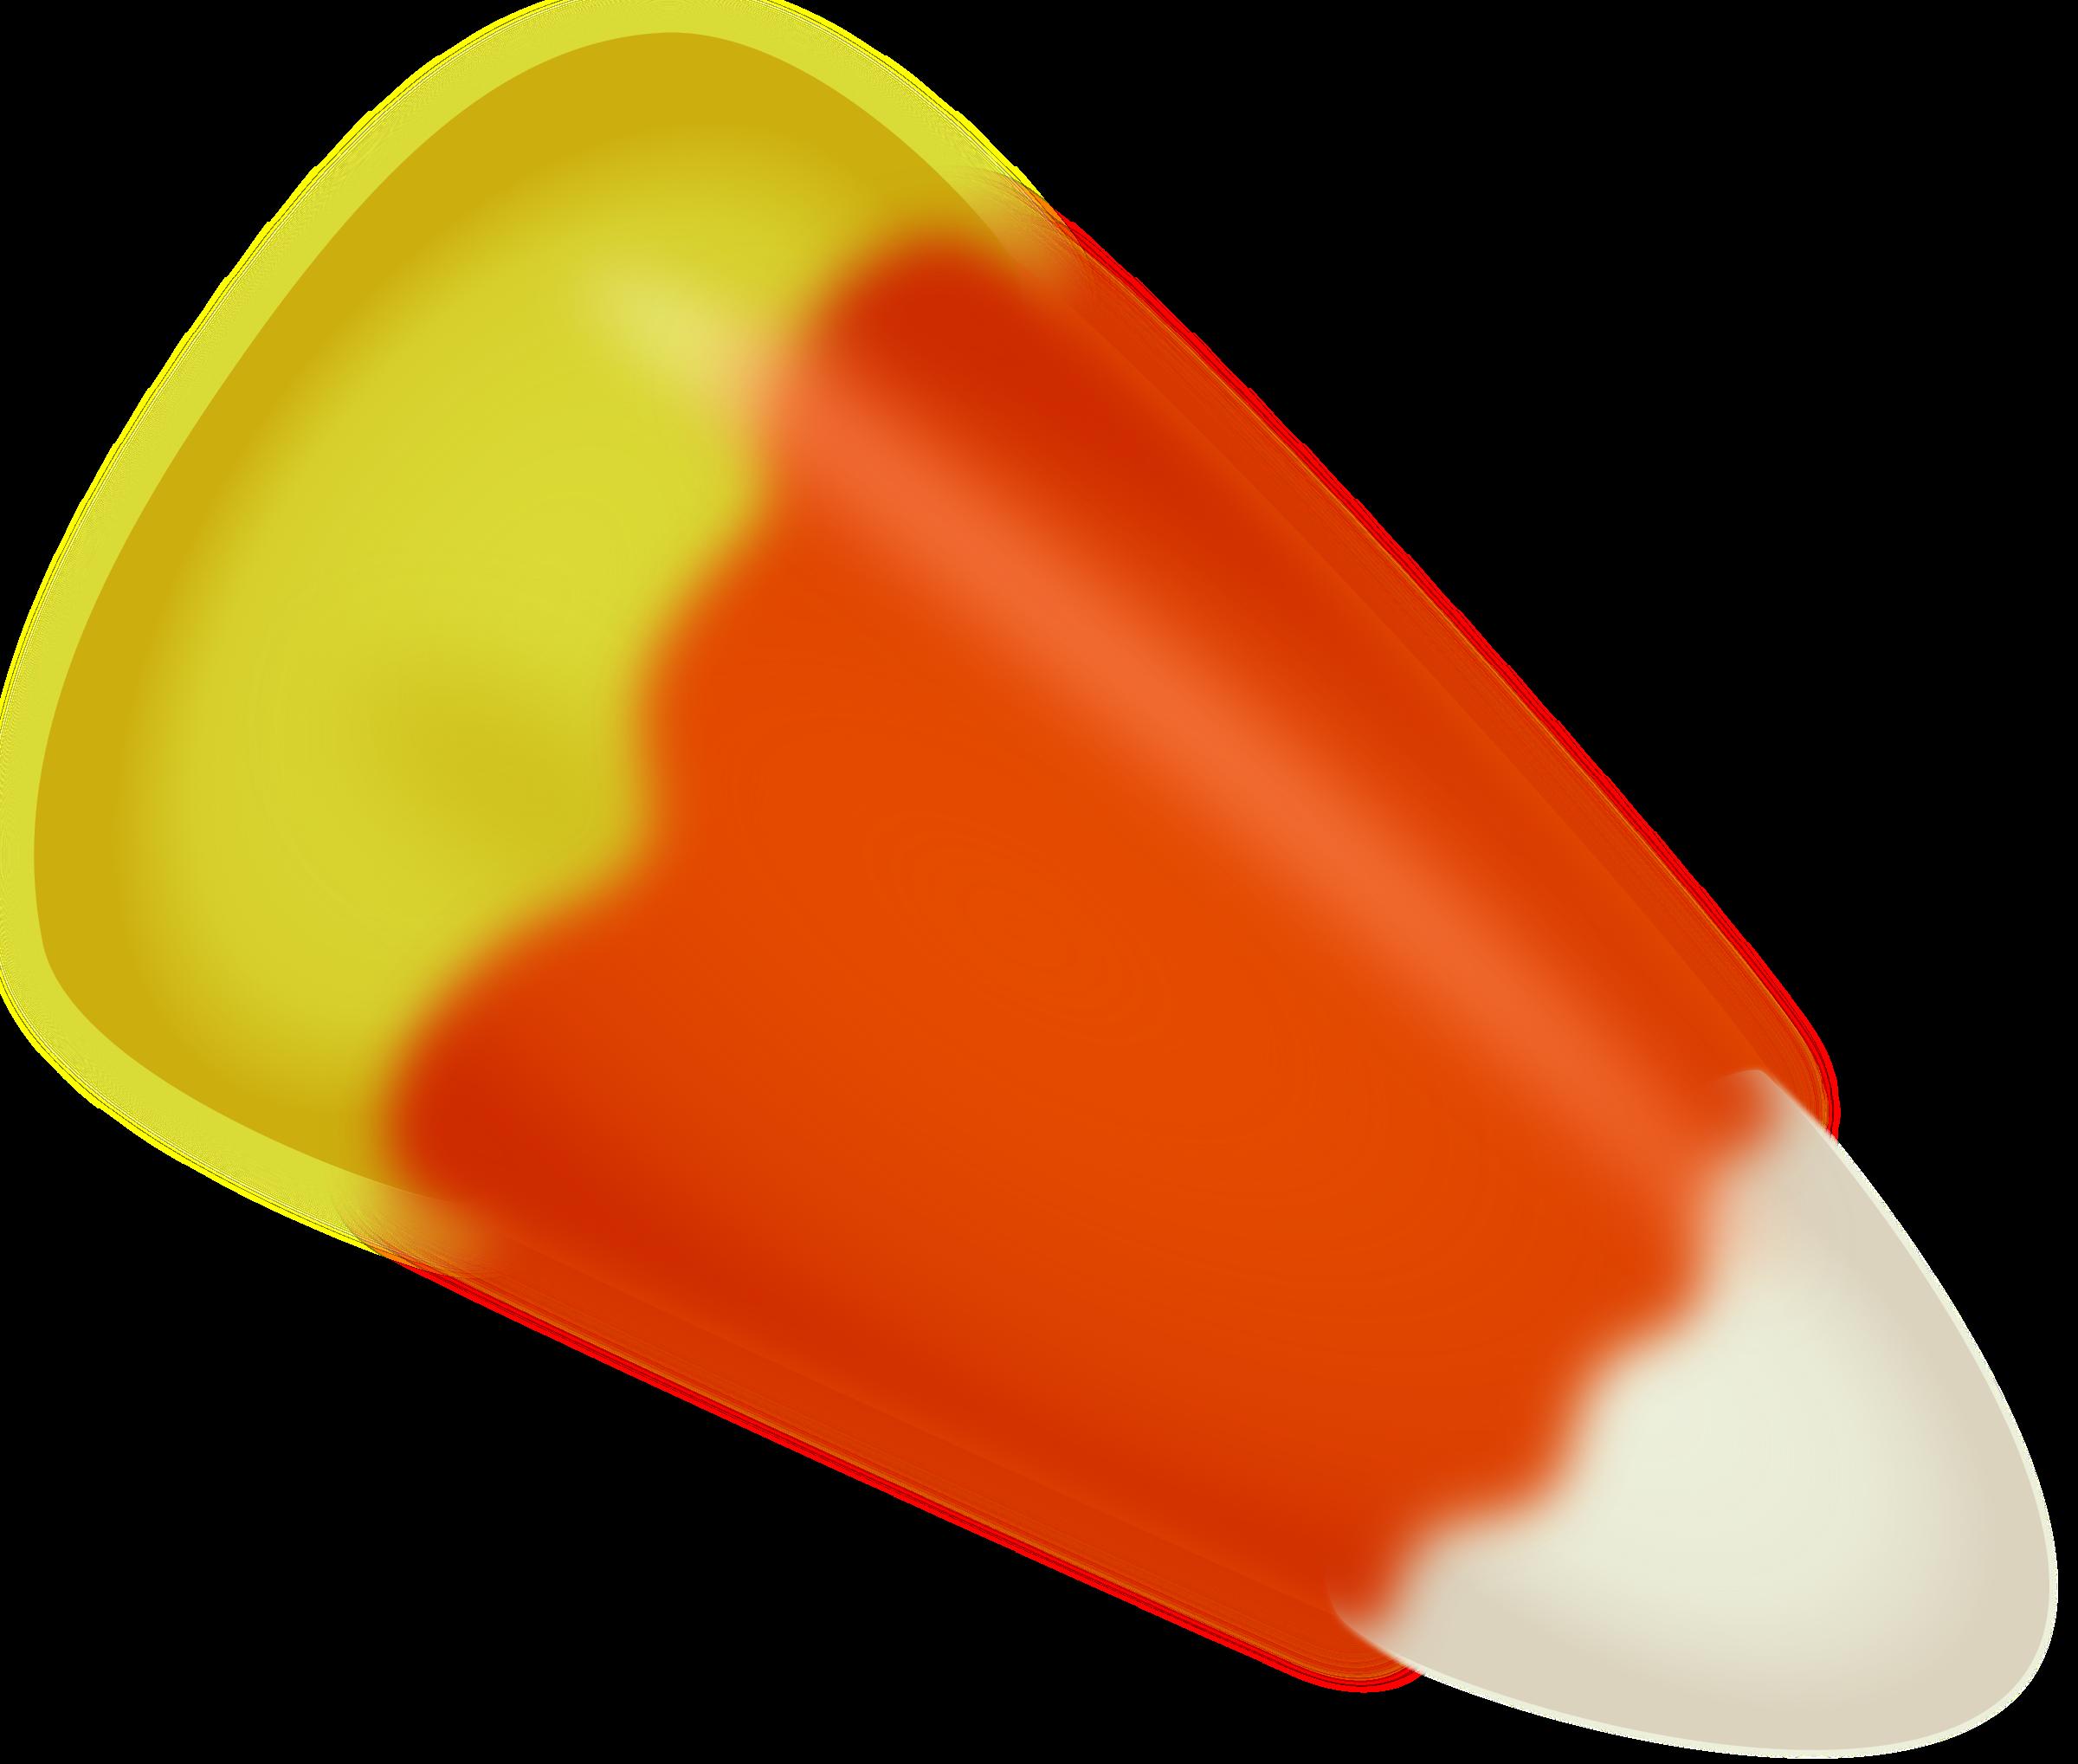 Corn transparent clip art. Emoji clipart candy